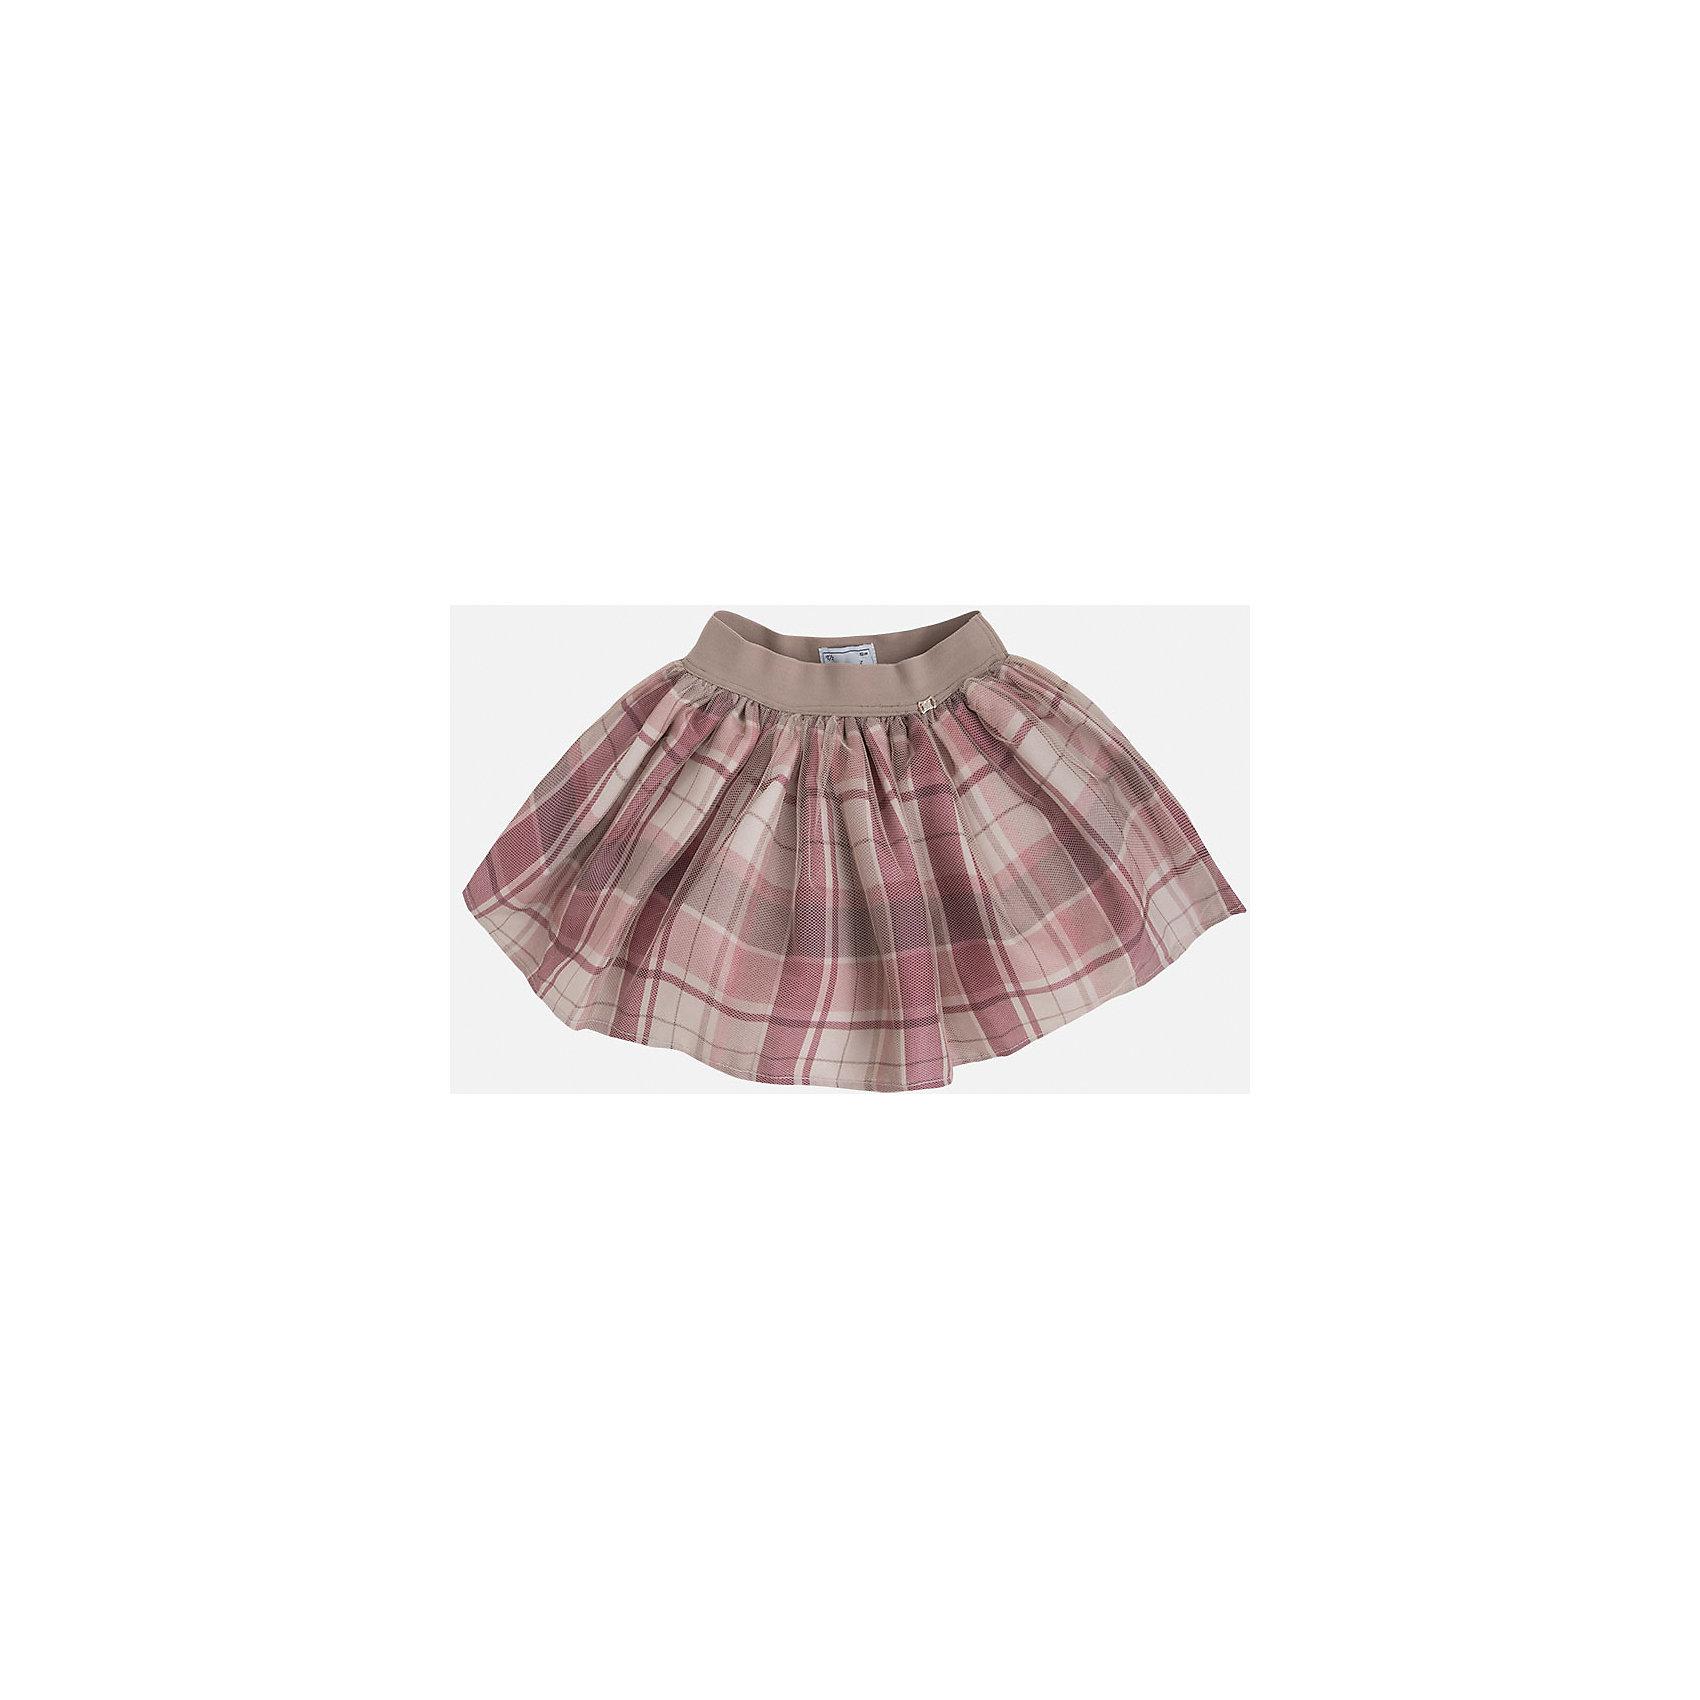 Юбка для девочки MayoralСтильная юбка в клетку на подкладке декорирована нежным фатином и логотипом торговой марки    Майорал -Mayoral  , а также дополнена эластичной резинкой на поясе. Модель дополнит и подчеркнет повседневный образ ребенка.<br><br>Дополнительная информация: <br><br>- цвет: розовый<br>- состав: полиэстер 100% ;подкладка: полиэстер 100%<br>- фактура материала: текстильный<br>- вид застежки: молния<br>- длина изделия: по спинке: 48 см<br>- длина юбки: миди<br>- тип посадки: средняя посадка<br>- тип карманов: без карманов<br>- уход за вещами: бережная стирка при 30 градусах<br>- рисунок: без рисунка<br>- назначение: праздничная<br>- сезон: круглогодичный<br>- пол: девочки<br>- страна бренда: Испания<br>- комплектация: юбка<br><br>Юбку для девочки торговой марки Mayoral можно купить в нашем интернет-магазине.<br><br>Ширина мм: 207<br>Глубина мм: 10<br>Высота мм: 189<br>Вес г: 183<br>Цвет: розовый<br>Возраст от месяцев: 36<br>Возраст до месяцев: 48<br>Пол: Женский<br>Возраст: Детский<br>Размер: 104,98,122,134,128,110,116<br>SKU: 4844306